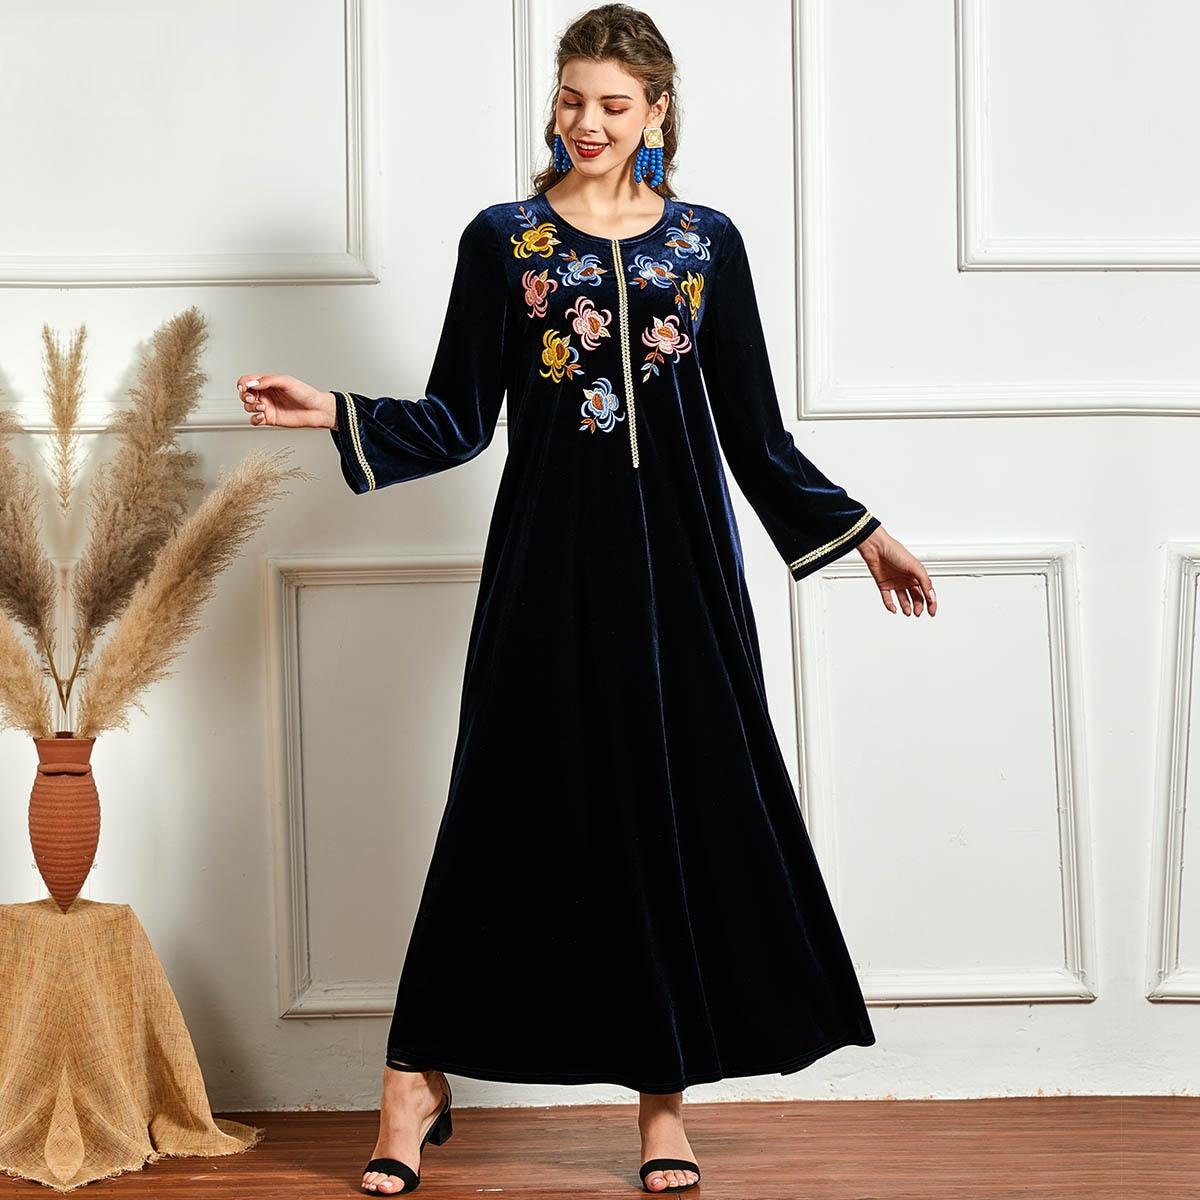 فستان طويل مخملي للنساء المسلمات ، فستان شتوي مطرز بالزهور ، قفطان مغربي ، ملابس إسلامية تركية ، حجاب عربي